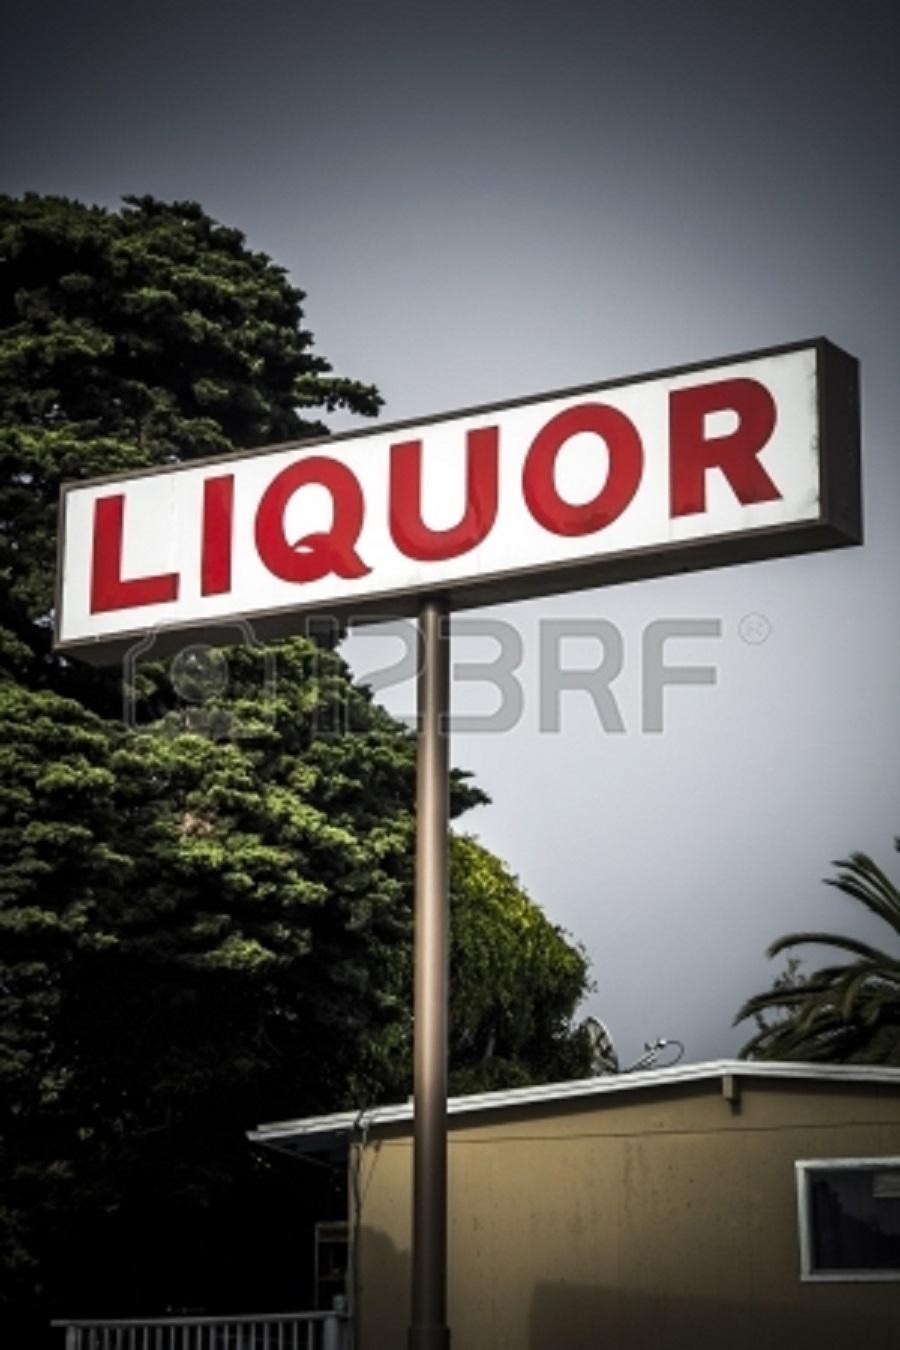 Large liquor store plus large wholesale business for sale!